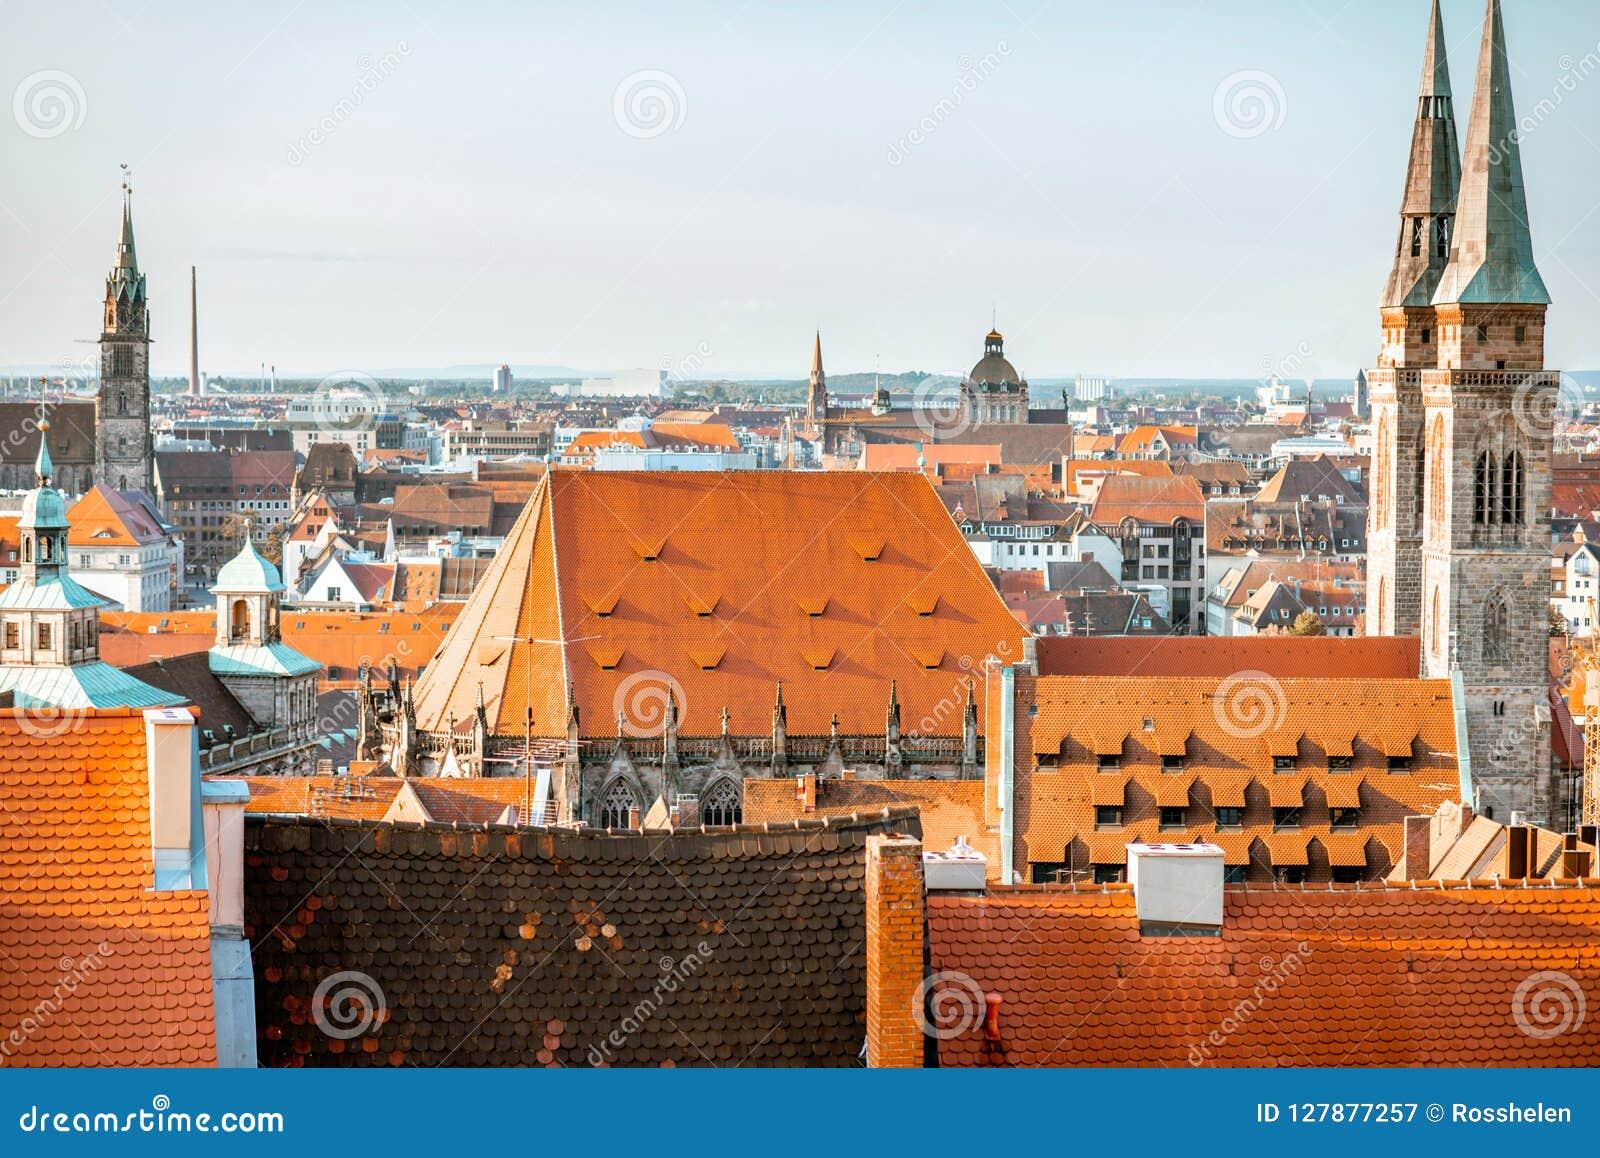 Vieille ville dans la ville de Nurnberg, Allemagne